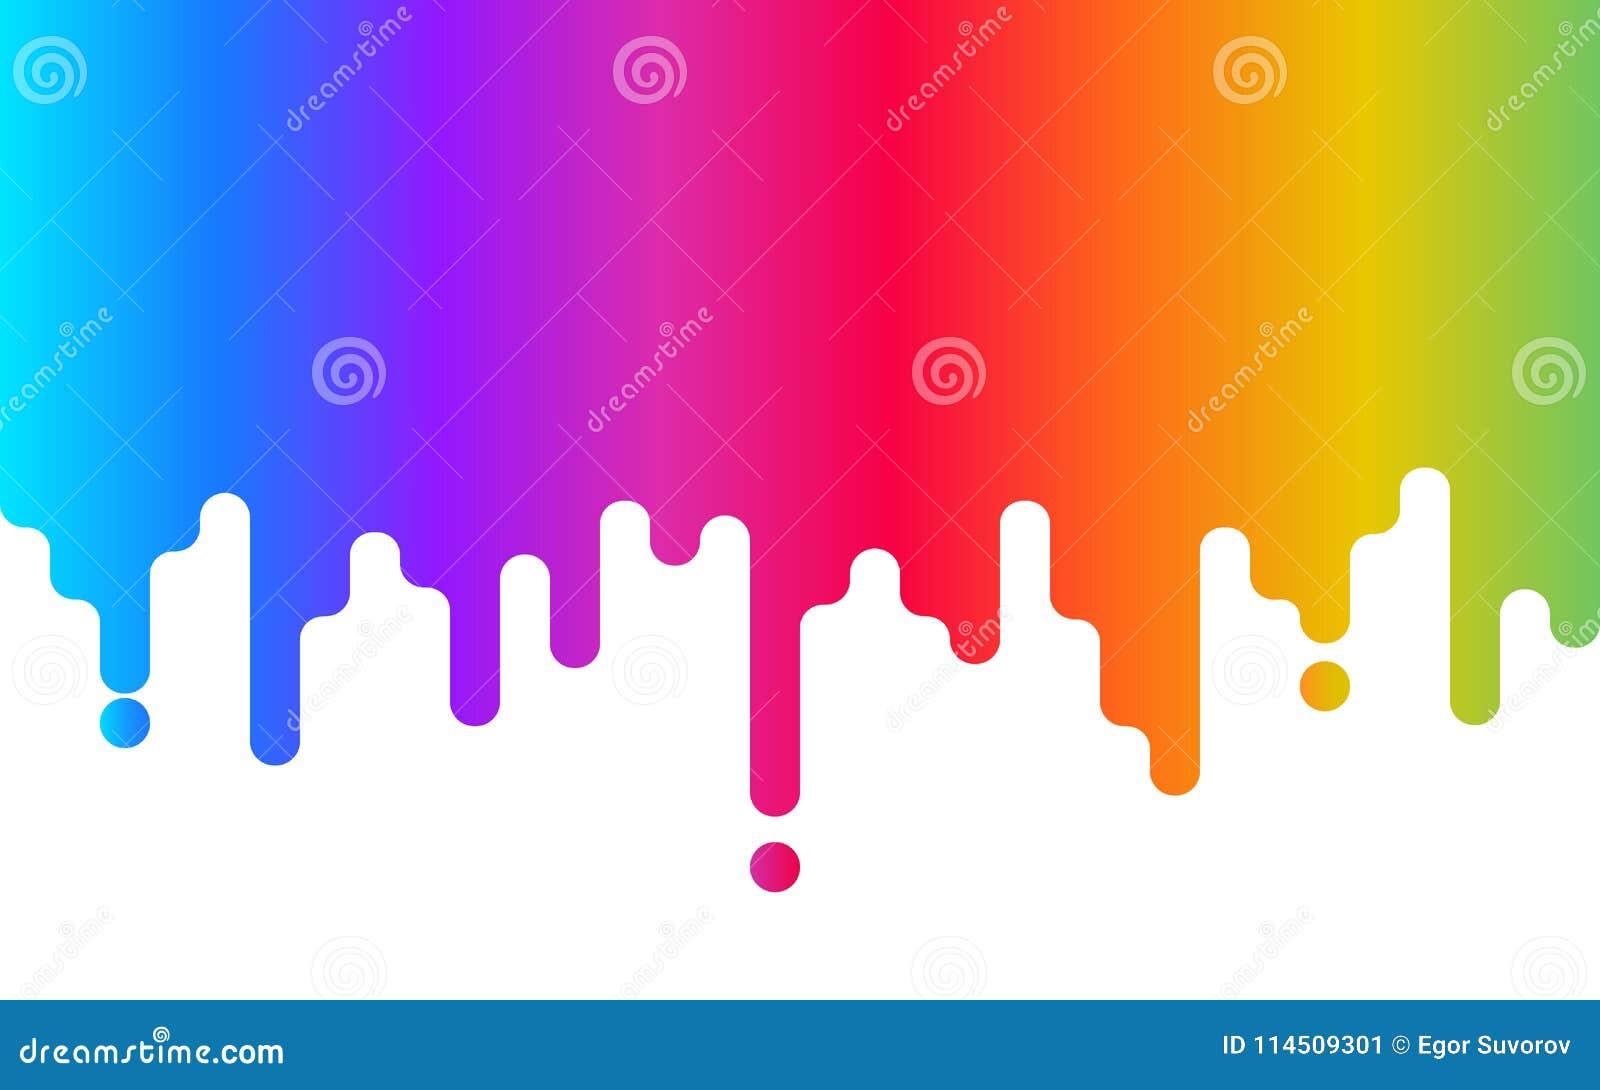 Στάζοντας χρώμα ανασκόπησης illustratin διανυσματική ταπετσαρία κοστουμιών ουράνιων τόξων άνευ ραφής καλά Αφηρημένο ζωηρόχρωμο σκ